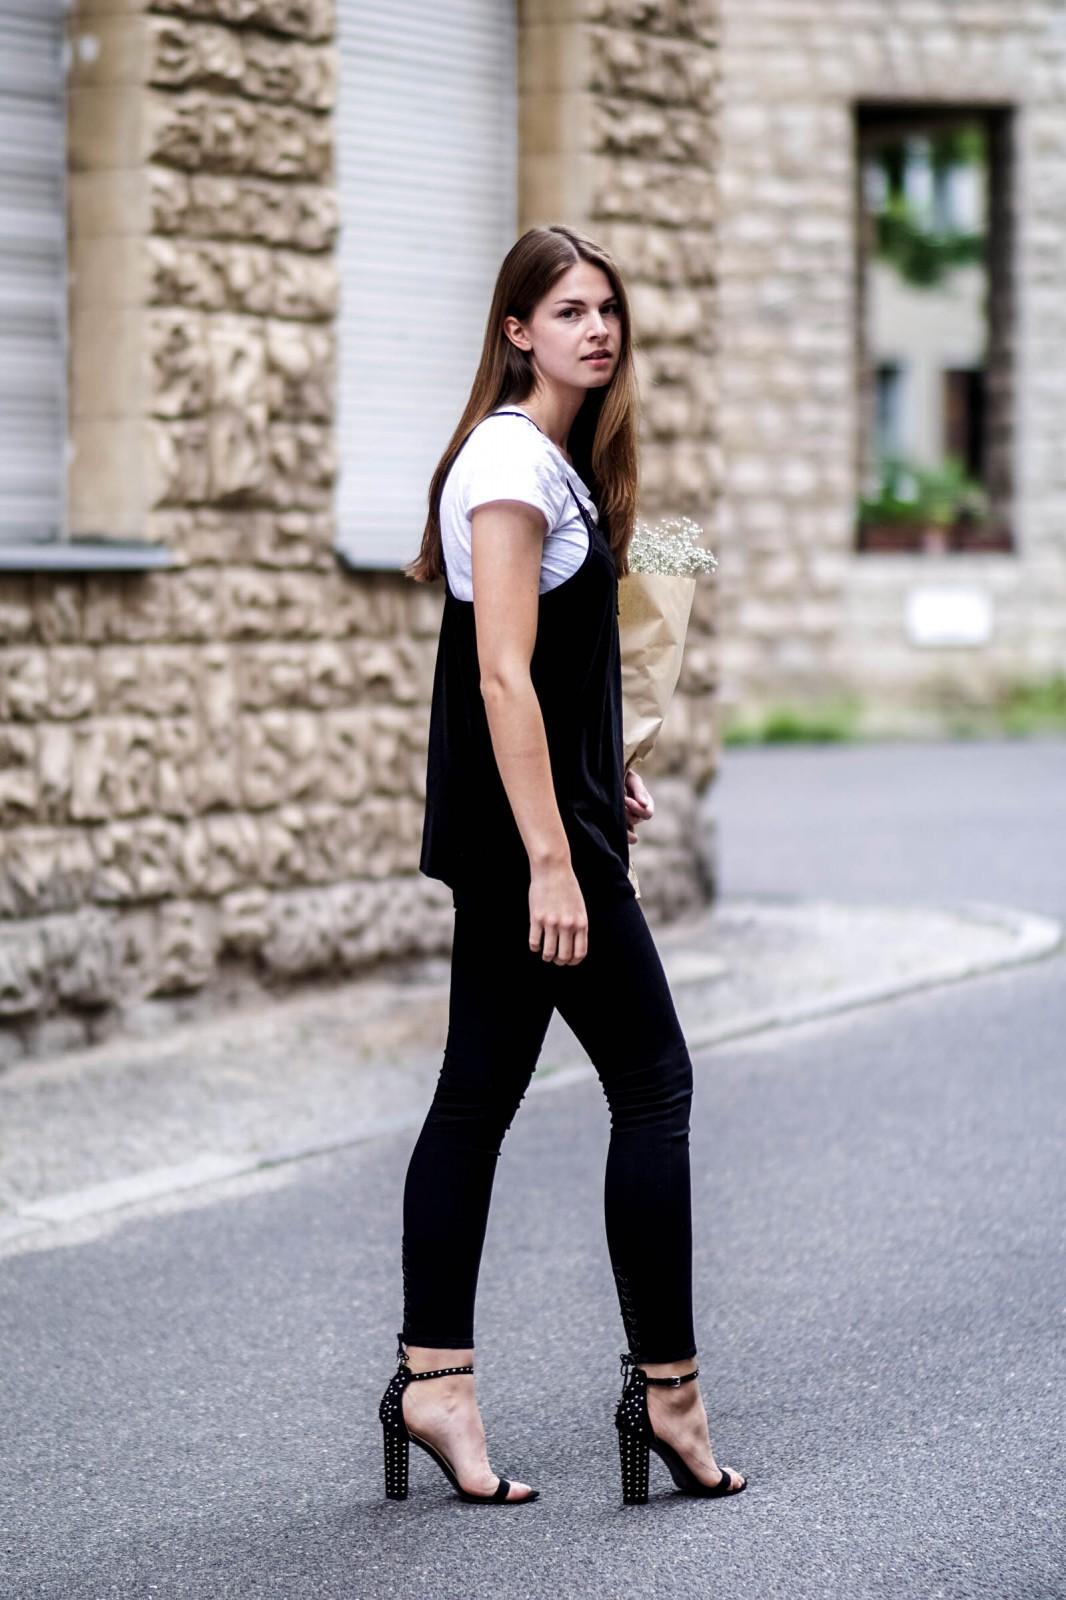 Zara High Heels